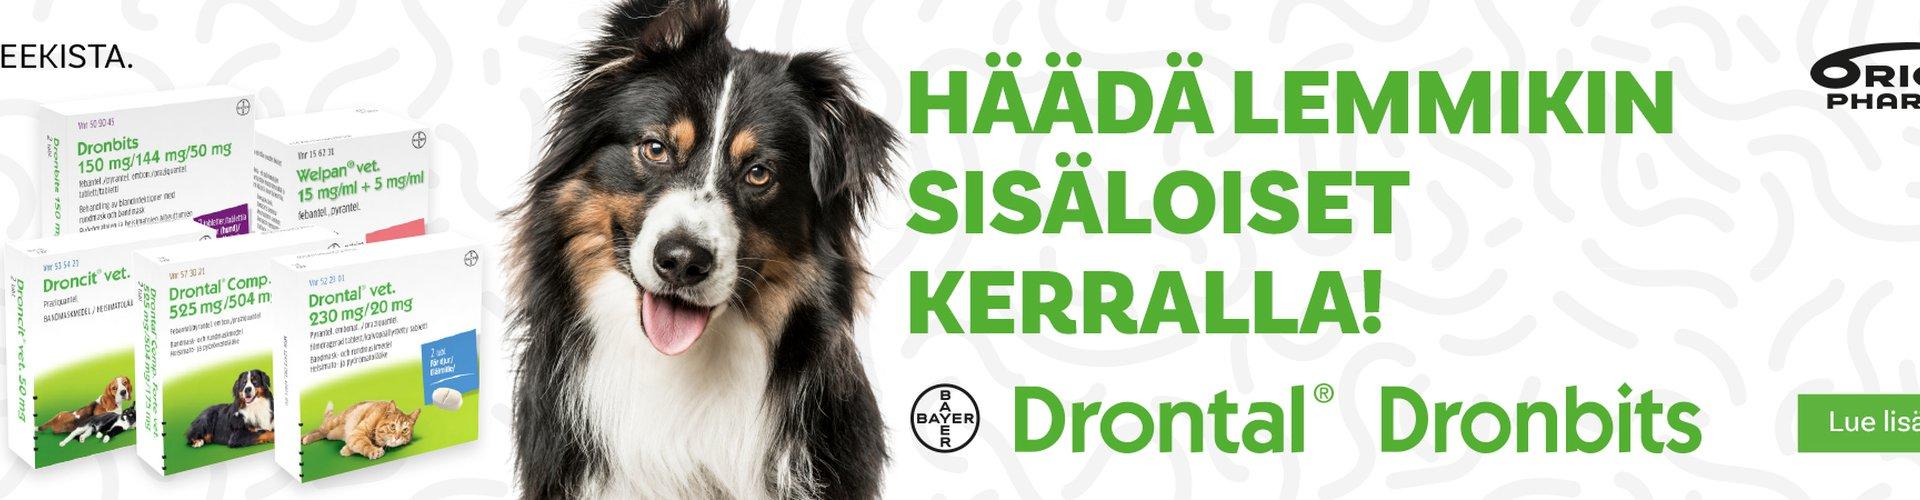 Lemmikkien sisäloisten häätöön Drontal, Dronbits, Welpan